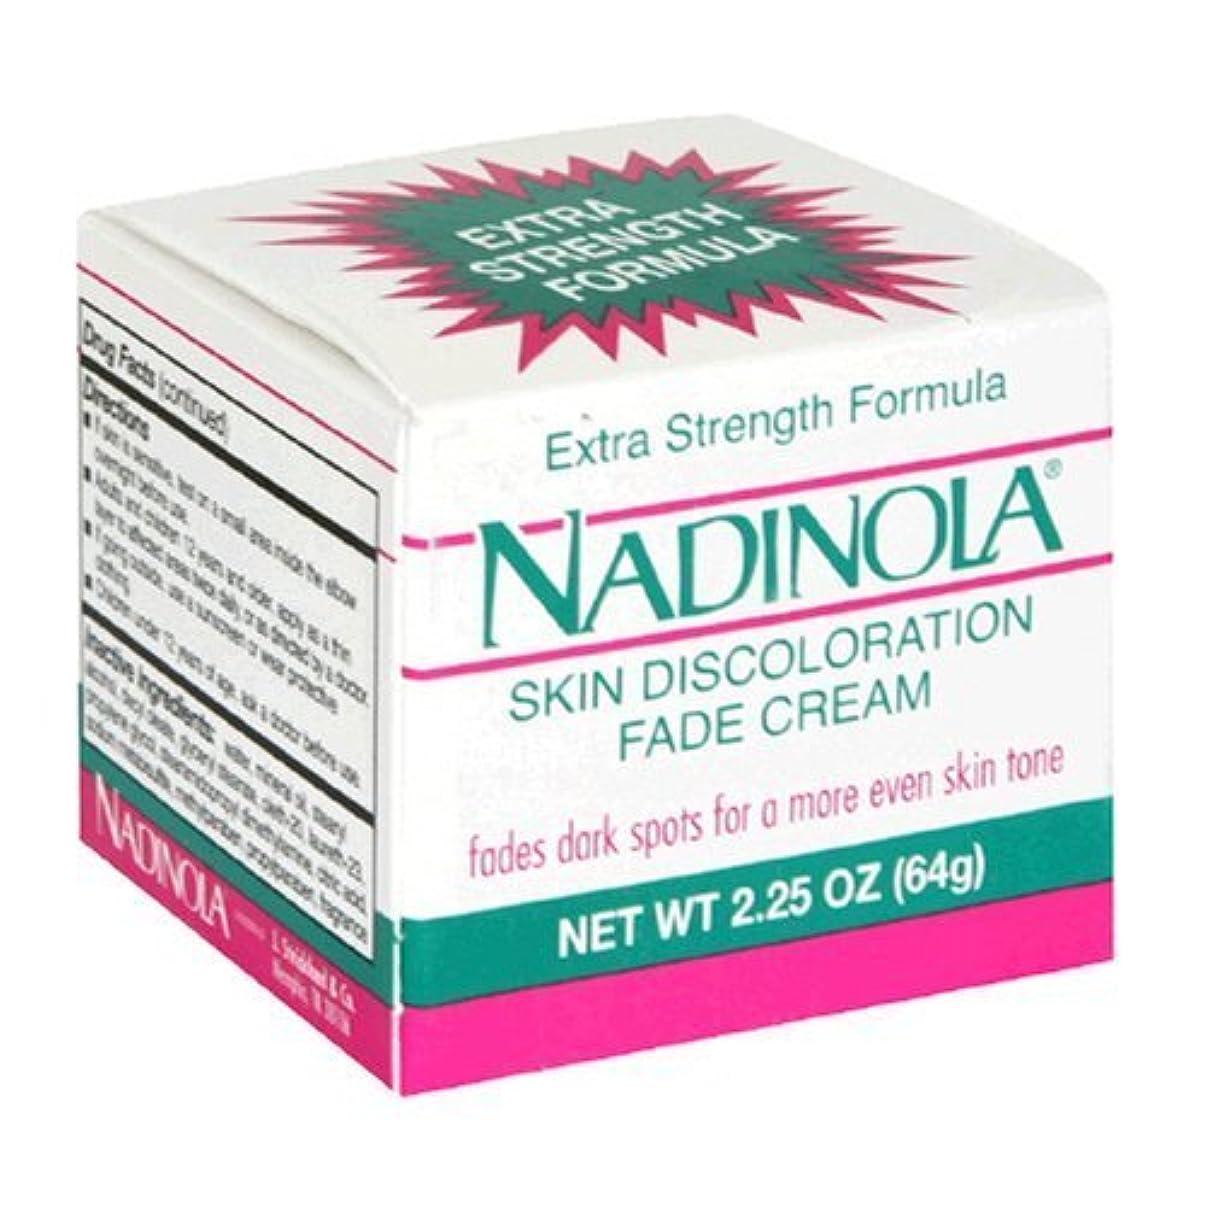 権限従事した櫛Nadinola Discoloration Fade Cream 2.25oz Extra Strength (並行輸入品)